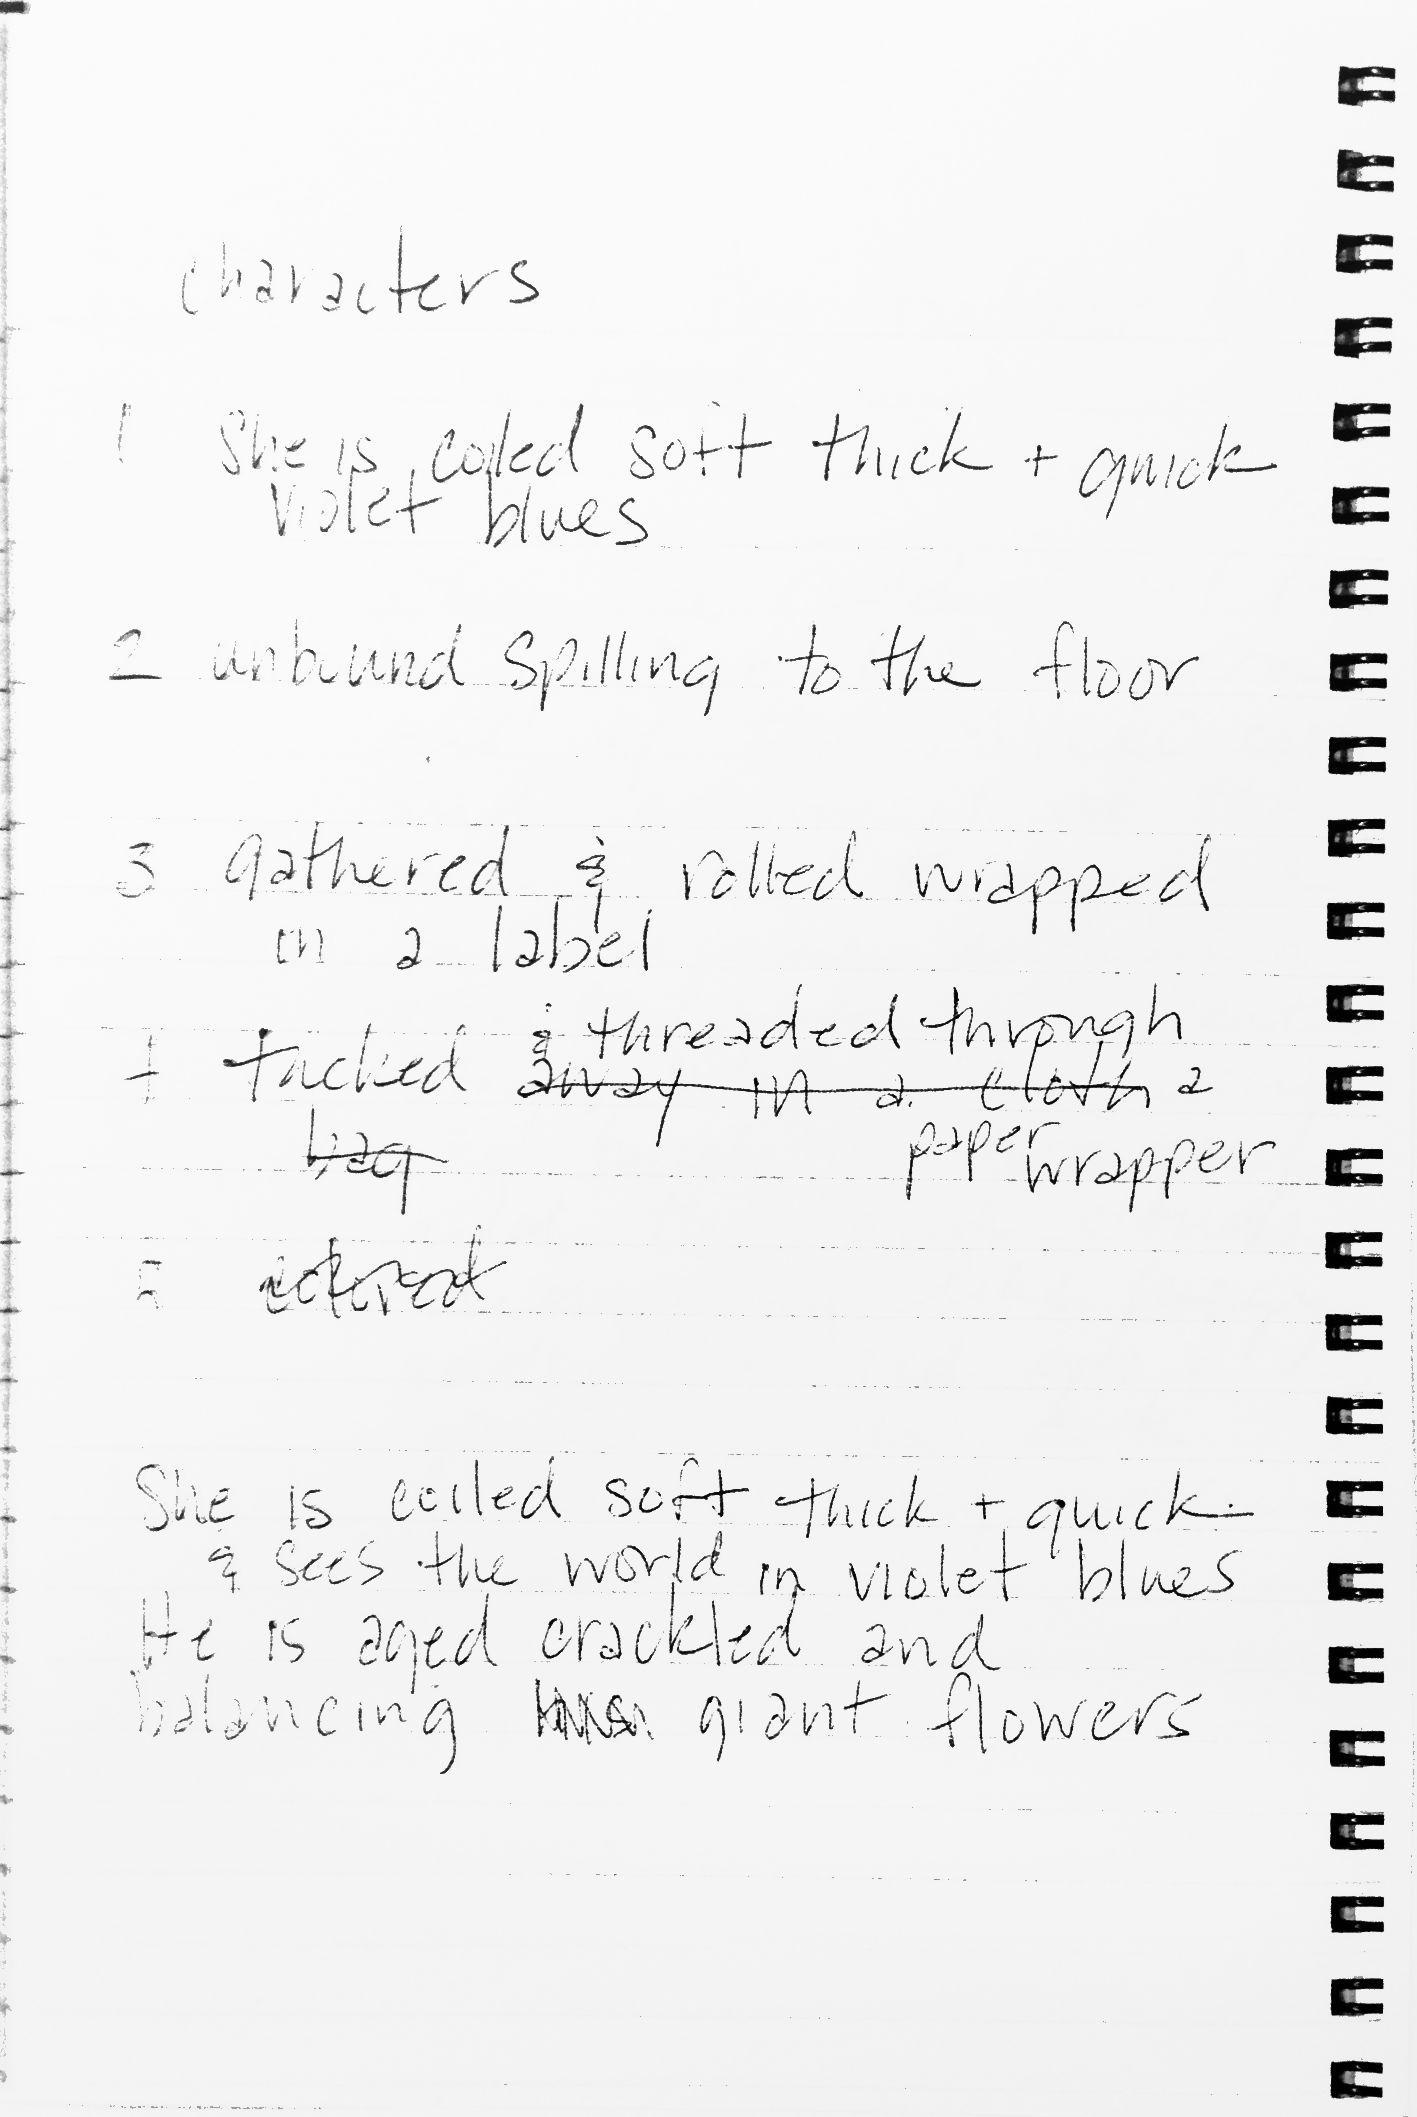 Baltimore 1 Writing Workshop-p1.jpg